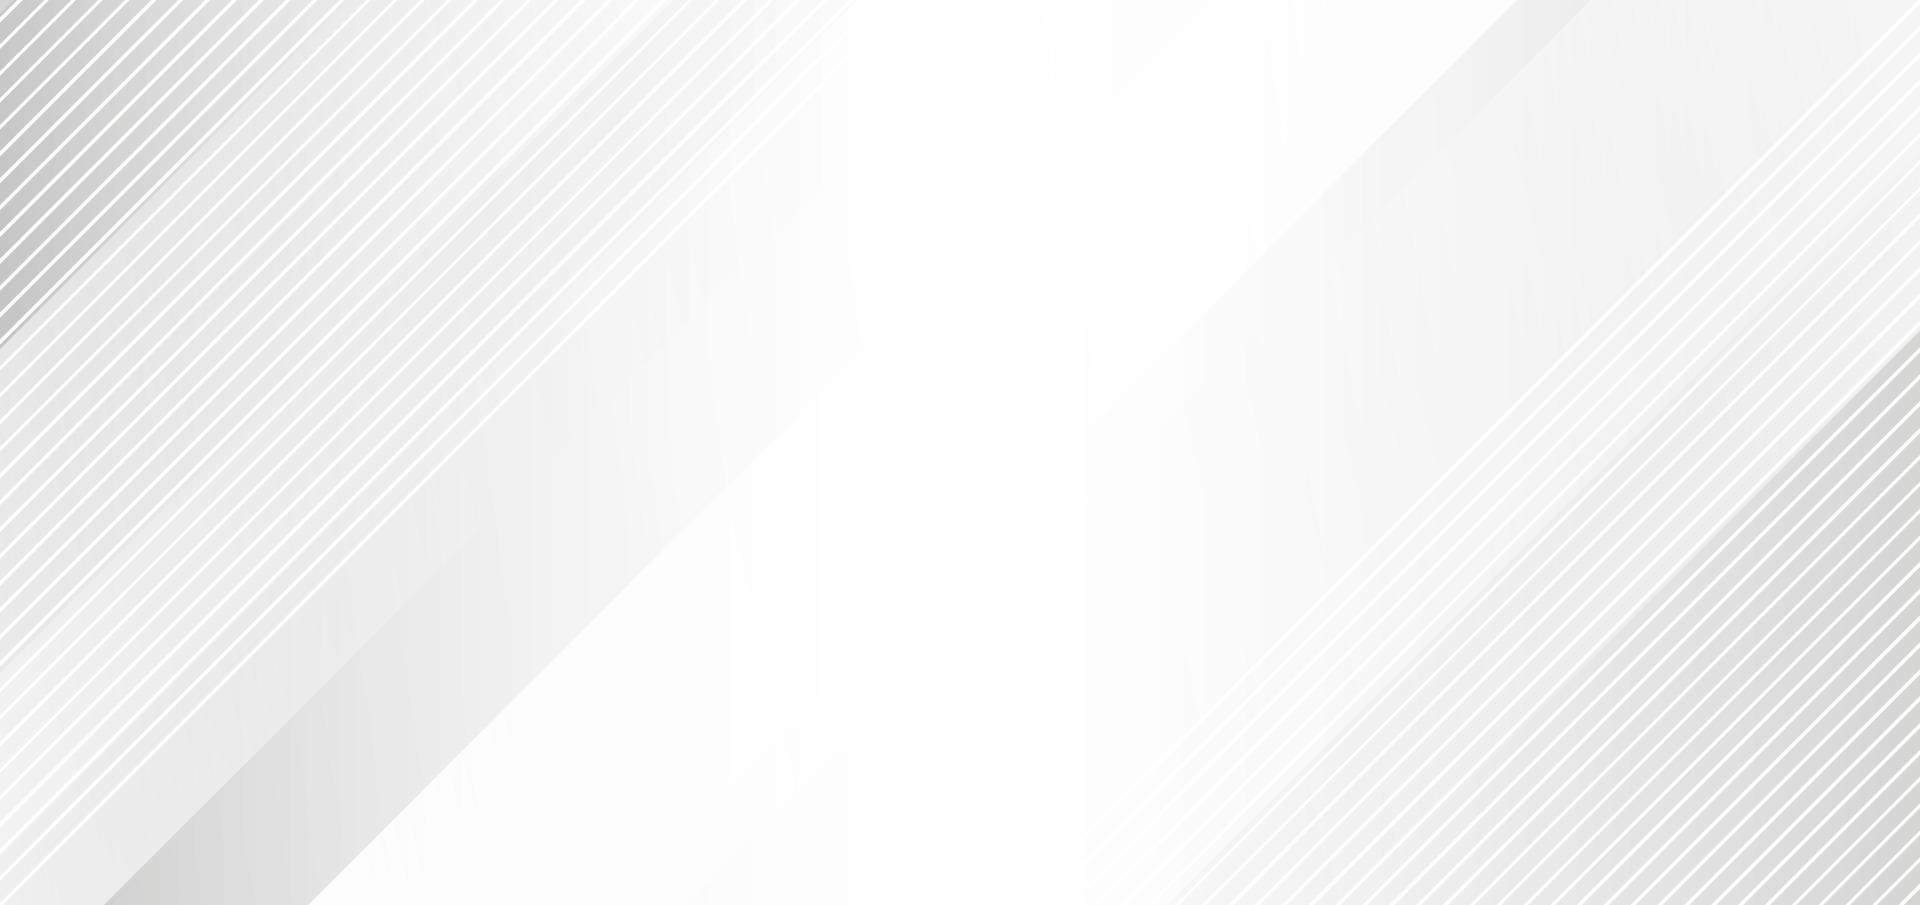 astratto elegante sfondo bianco e grigio con linee a strisce diagonali. vettore